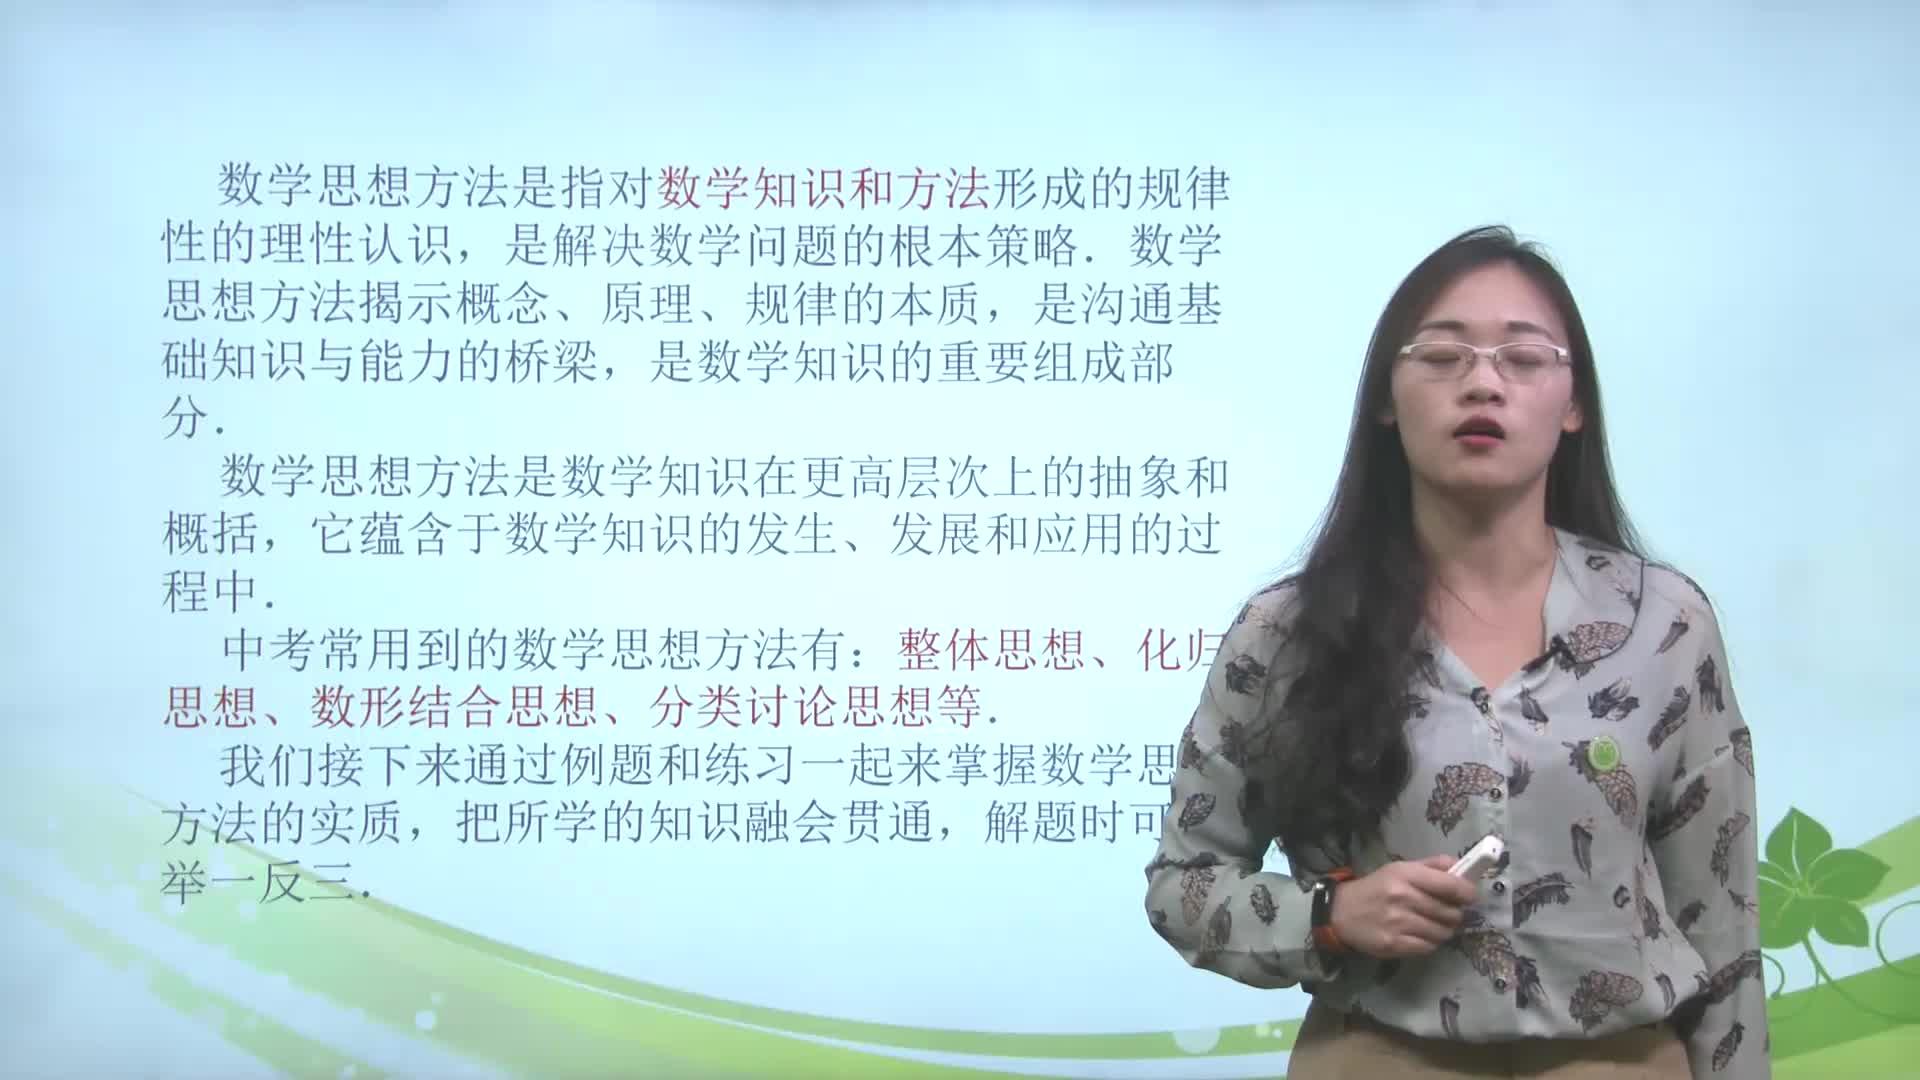 視頻3 中考復習-數學思想方法(1)化歸思想-【慕聯】初中數學中考復習